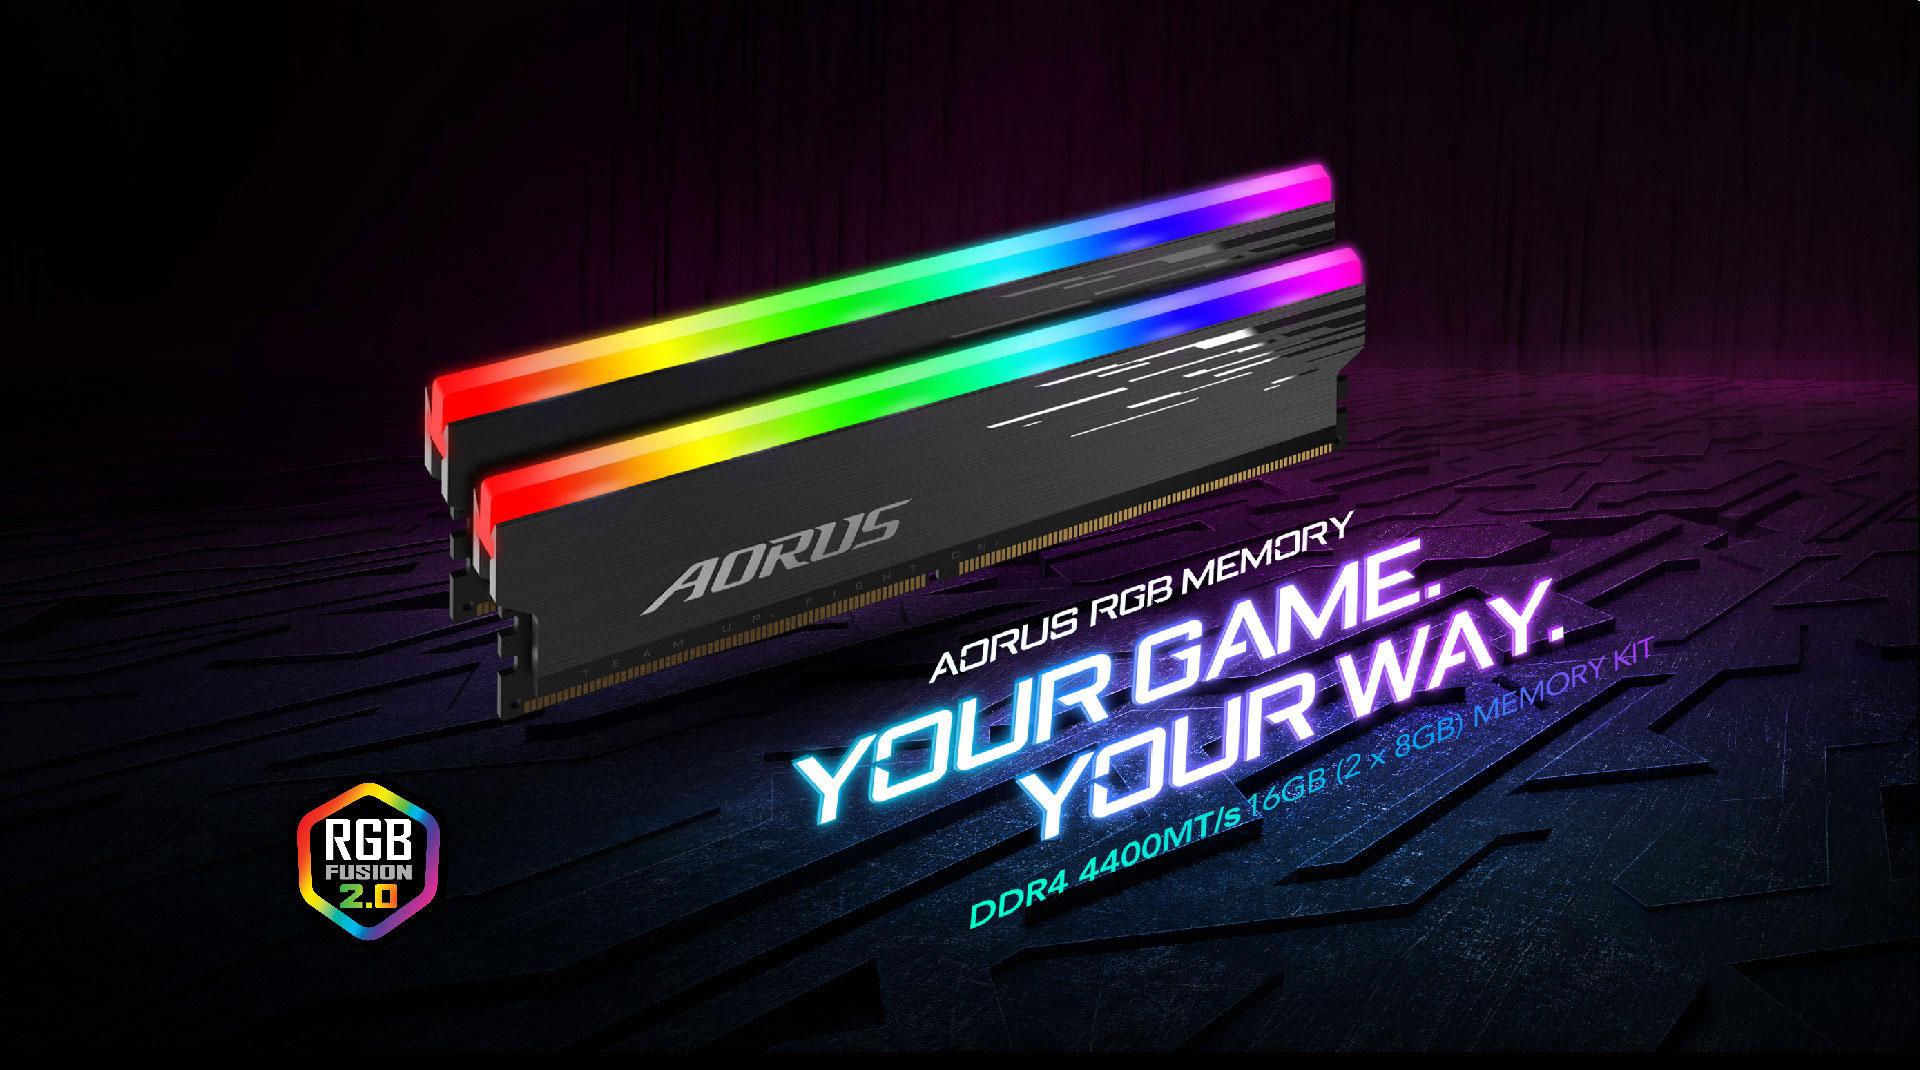 Gigabyte AORUS RGB Memory DDR4 16GB (2x8GB) 4400MHz - GP-ARS16G44 6